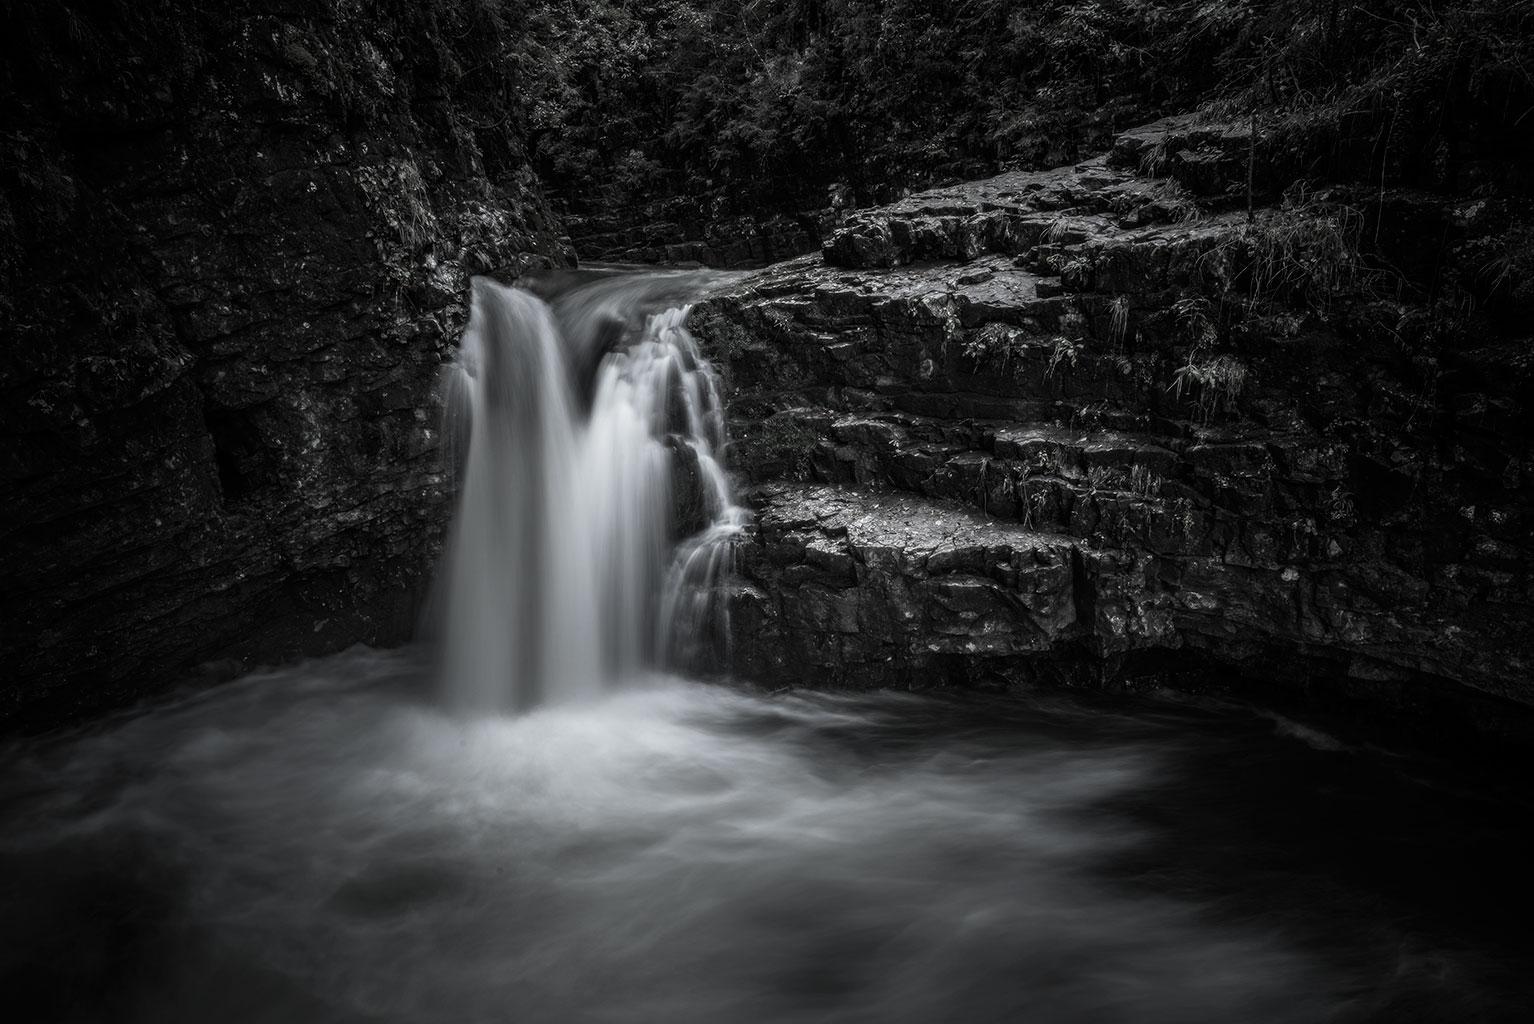 Landschaftsfotografie Berge Oldenburg Wasserfall Fine Art Black and white